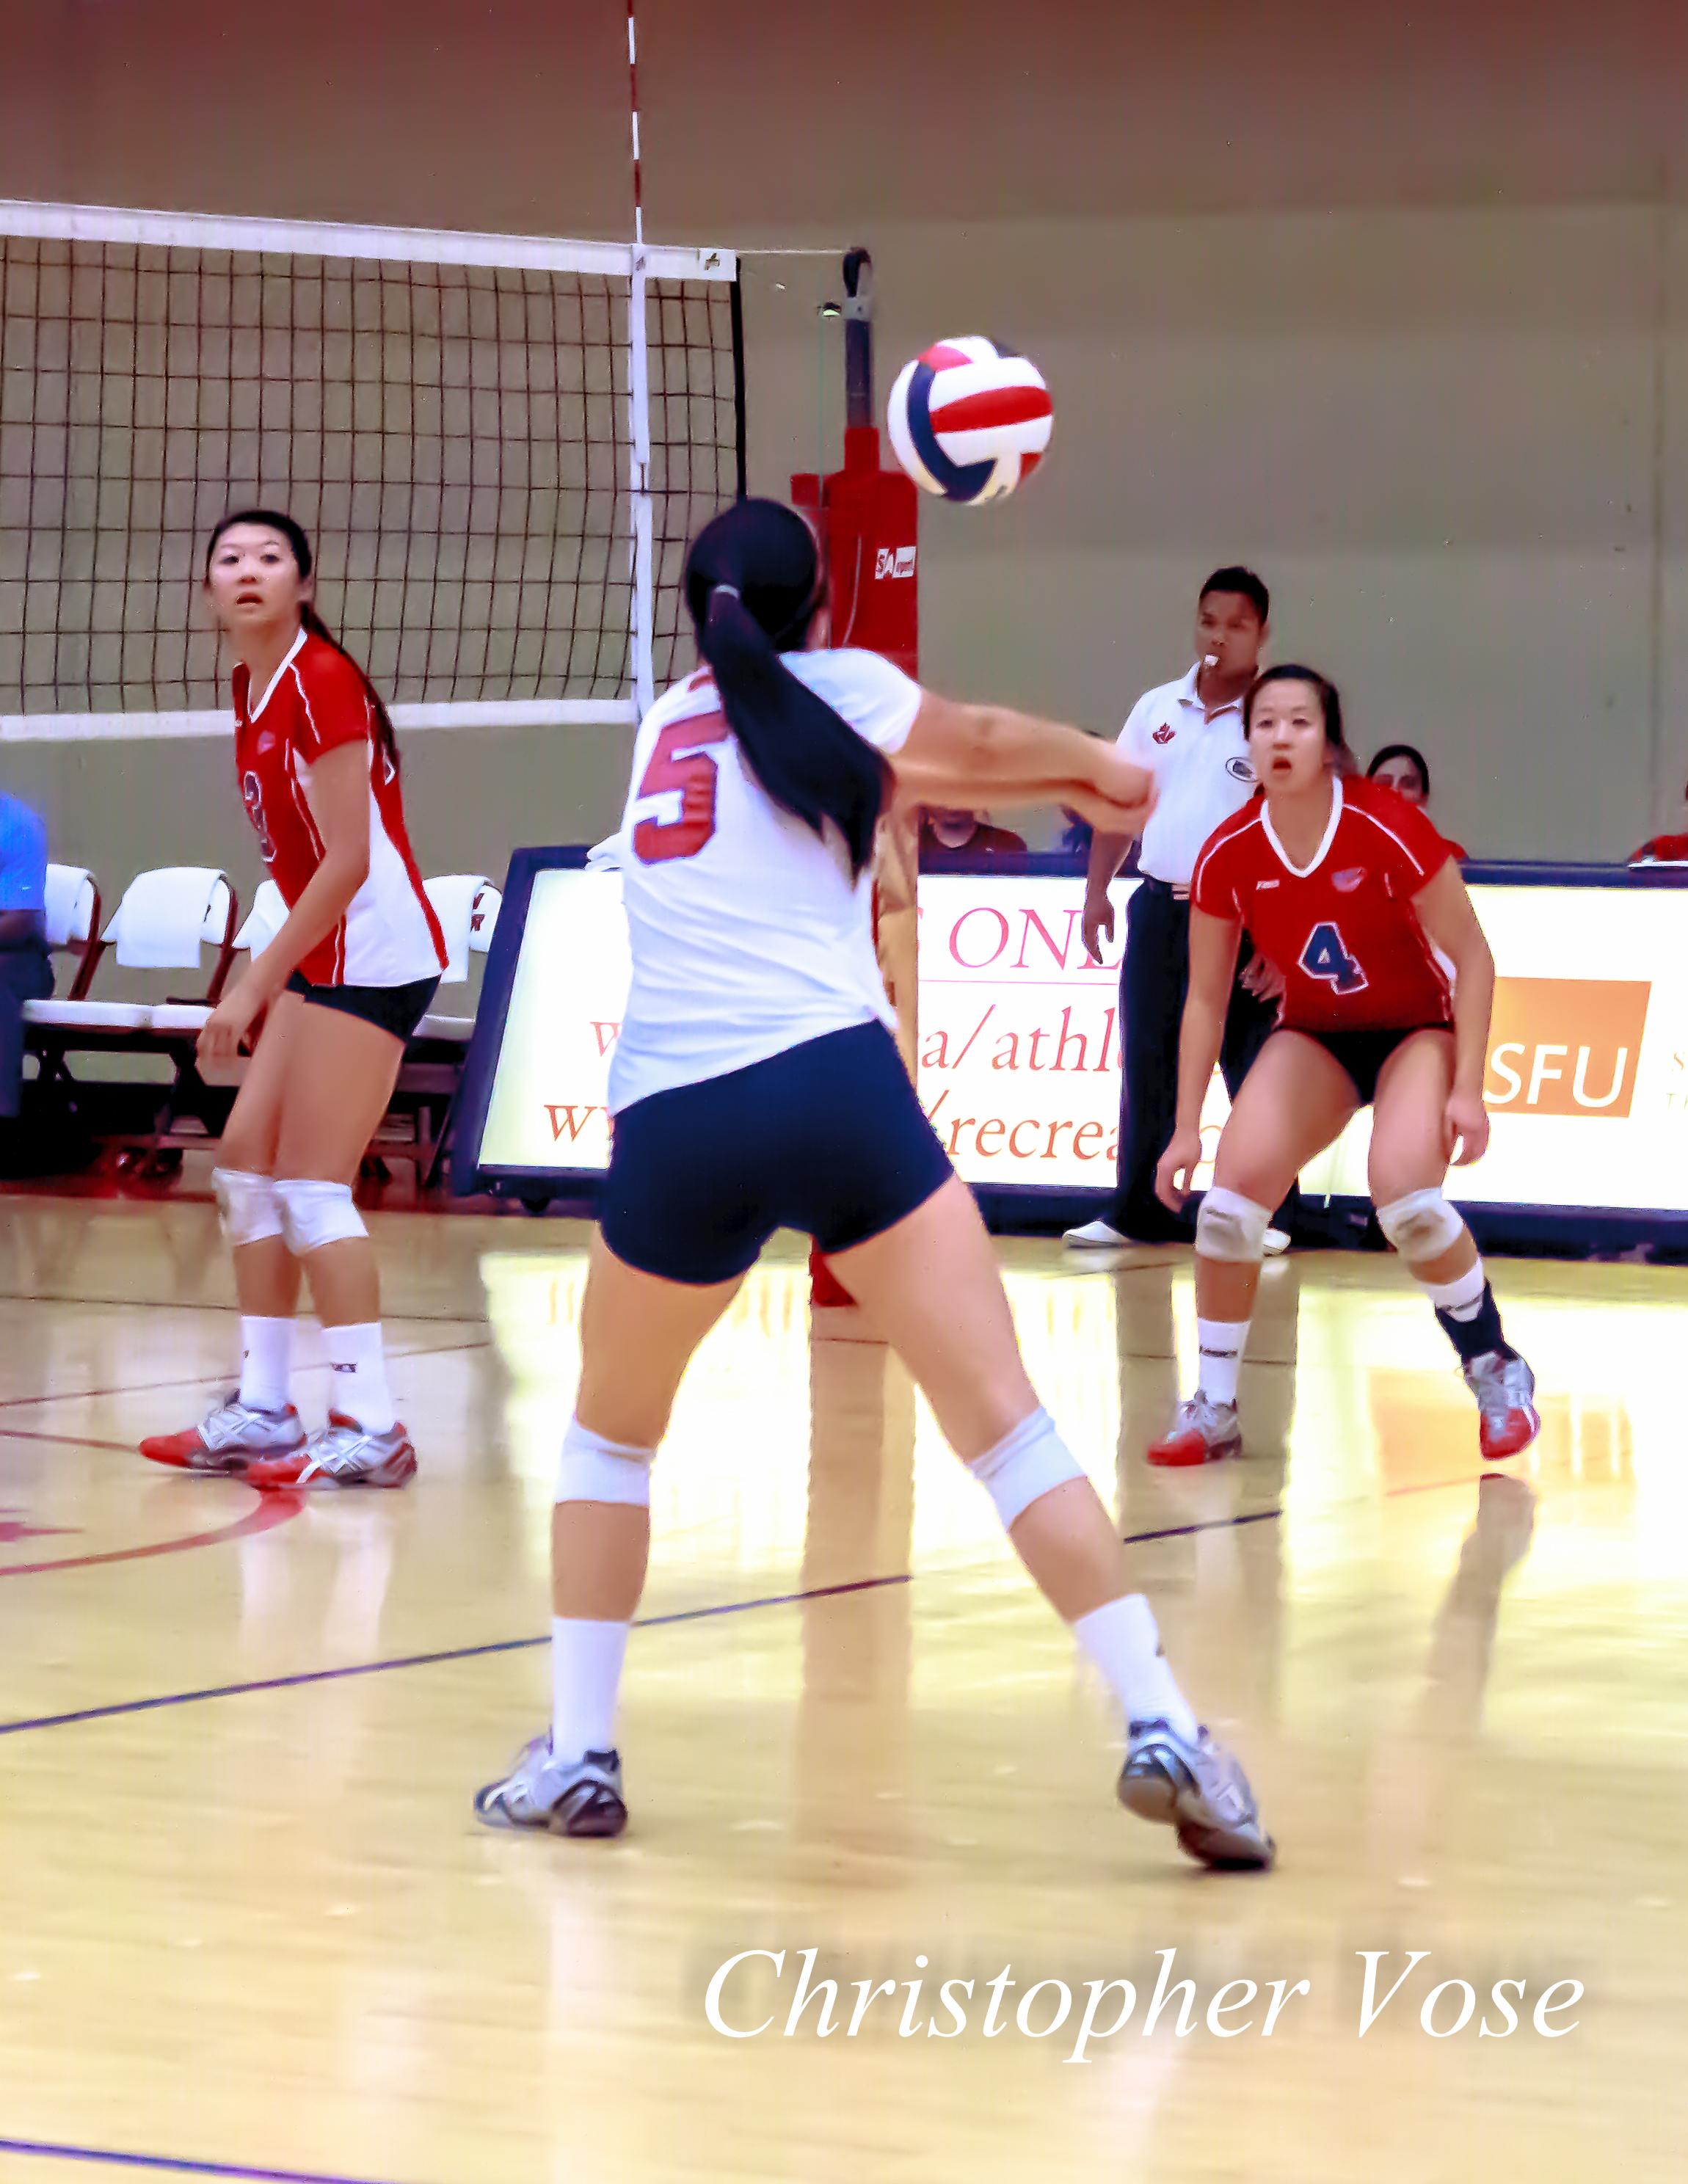 2012-10-13 Alanna Chan 2.jpg